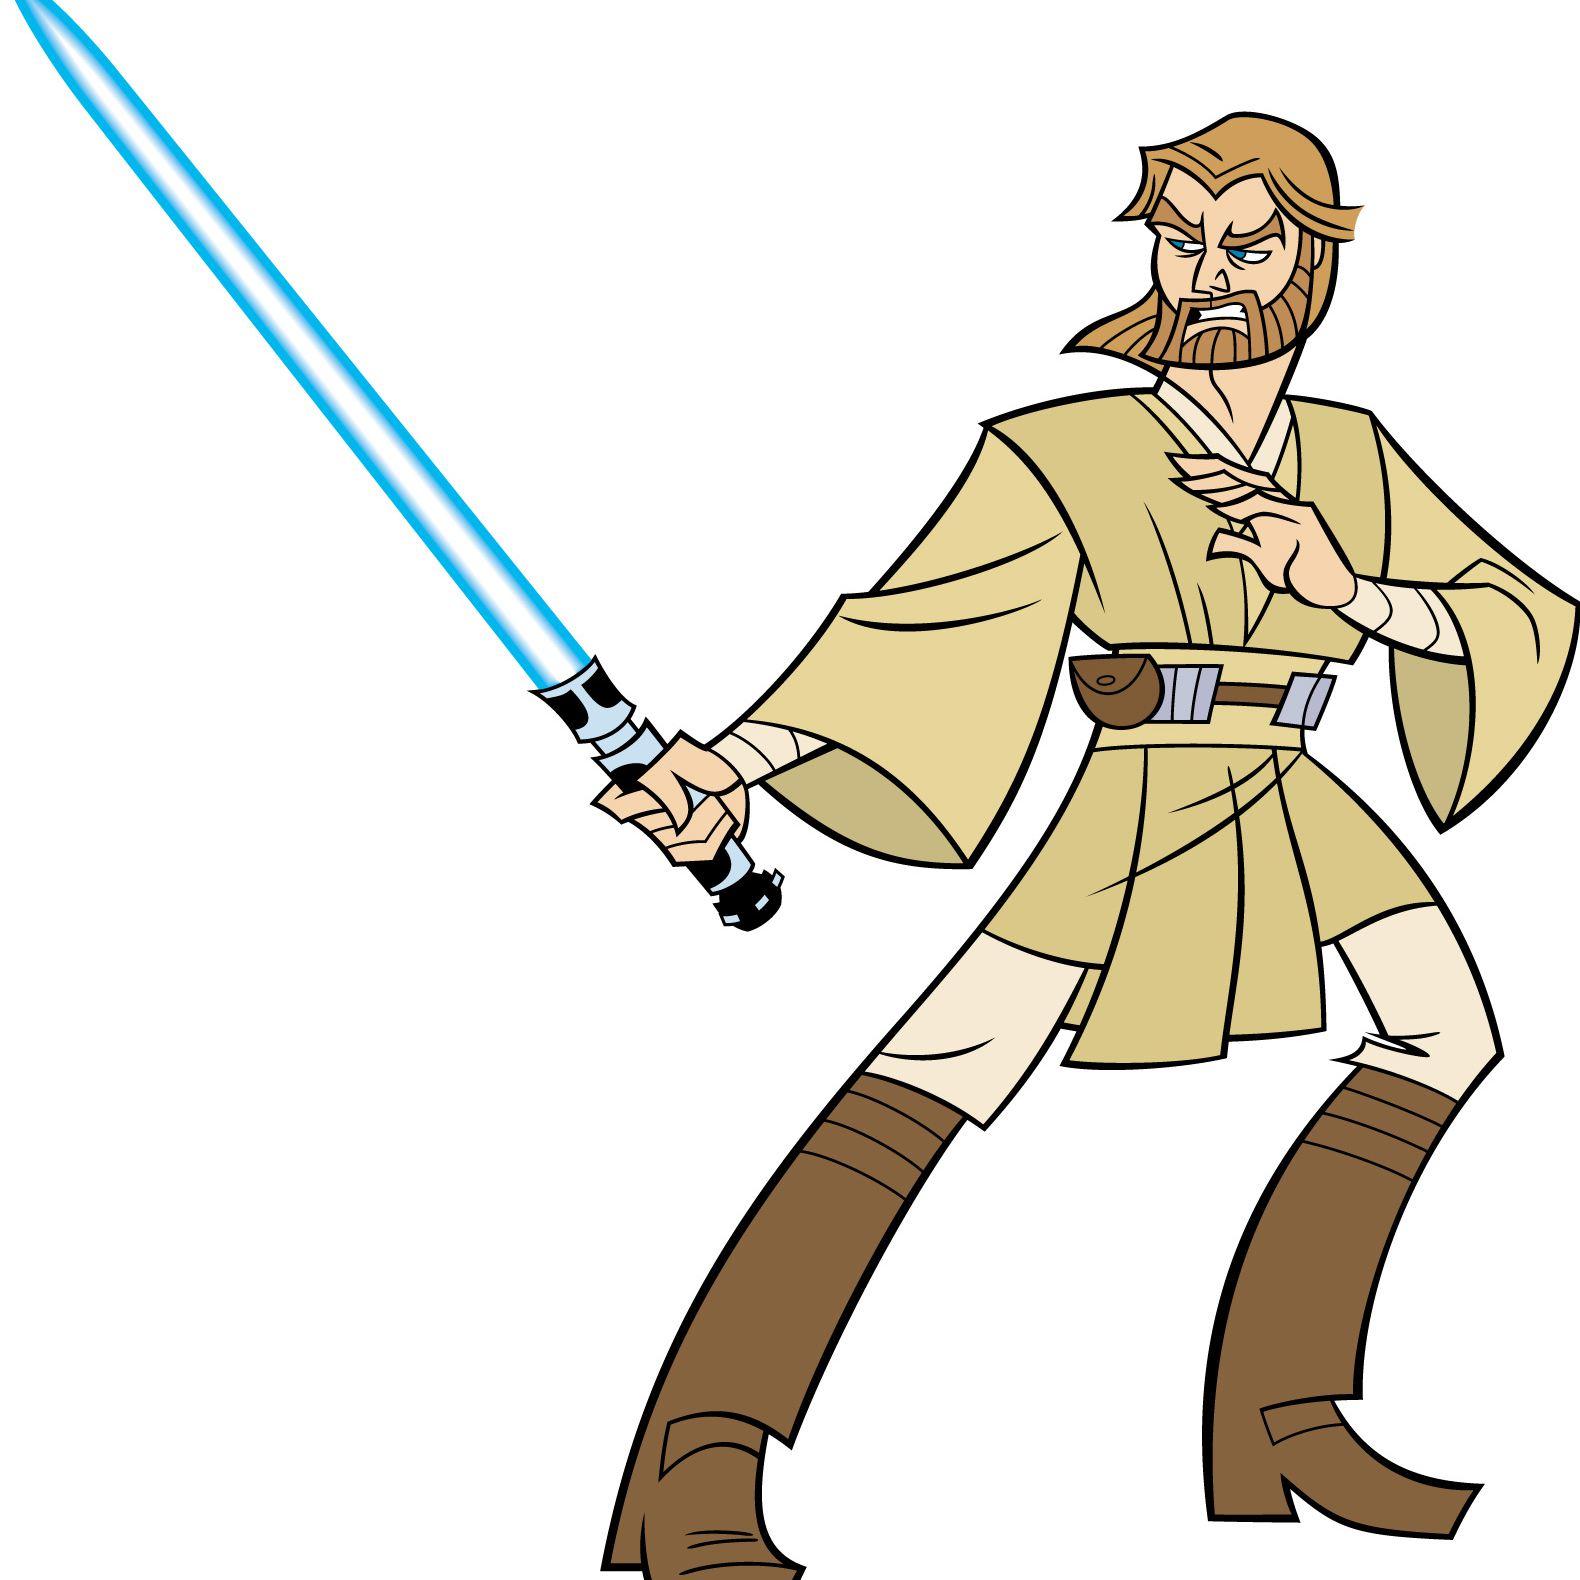 'Clone Wars' Obi Wan Kenobi